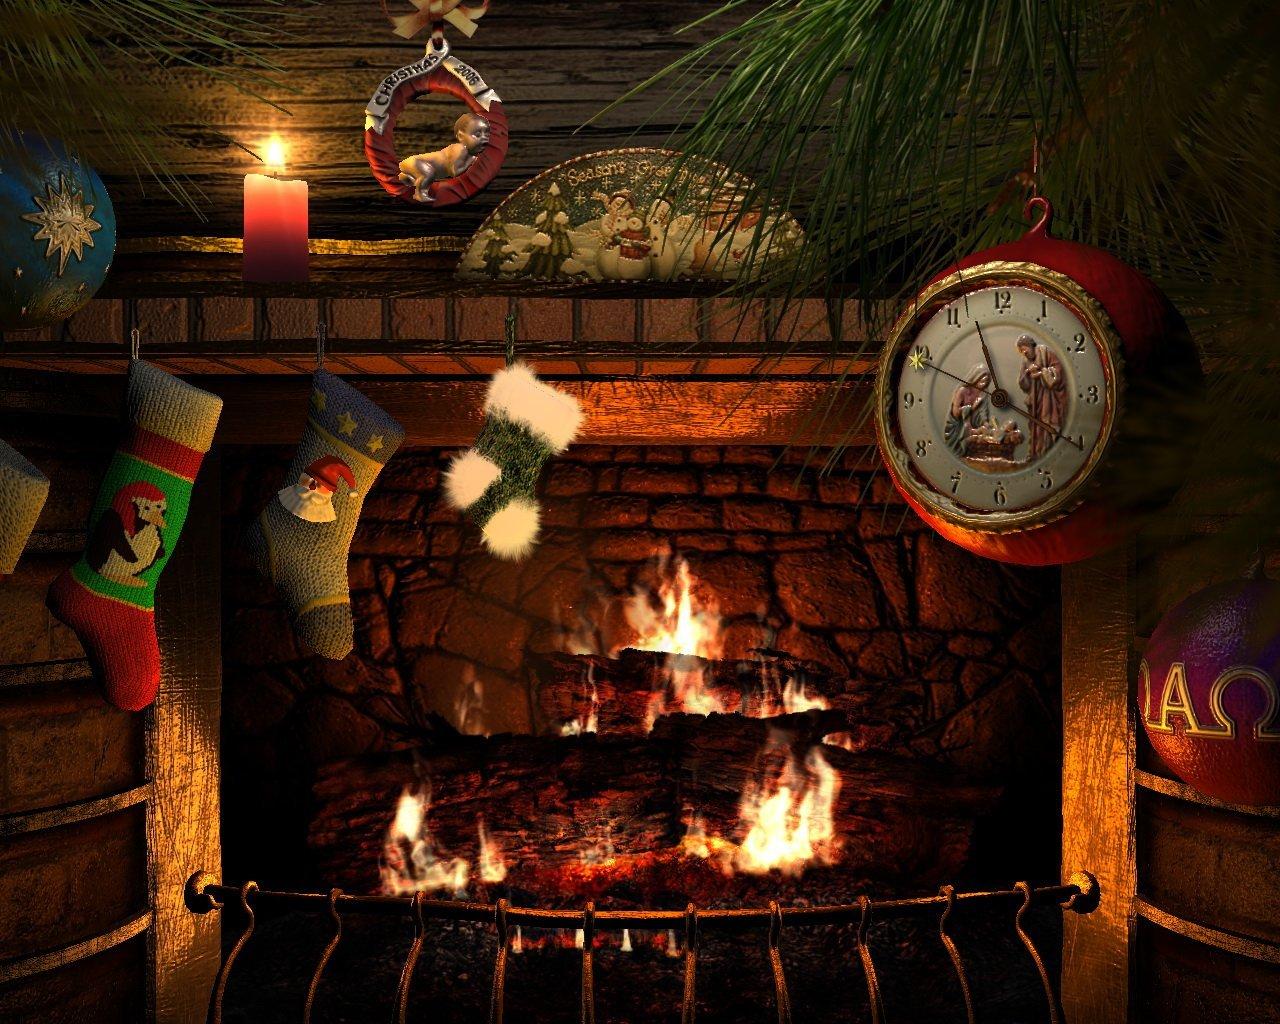 Гадания на католическое Рождество: как узнать свою судьбу в ночь с 24 на 25 декабря